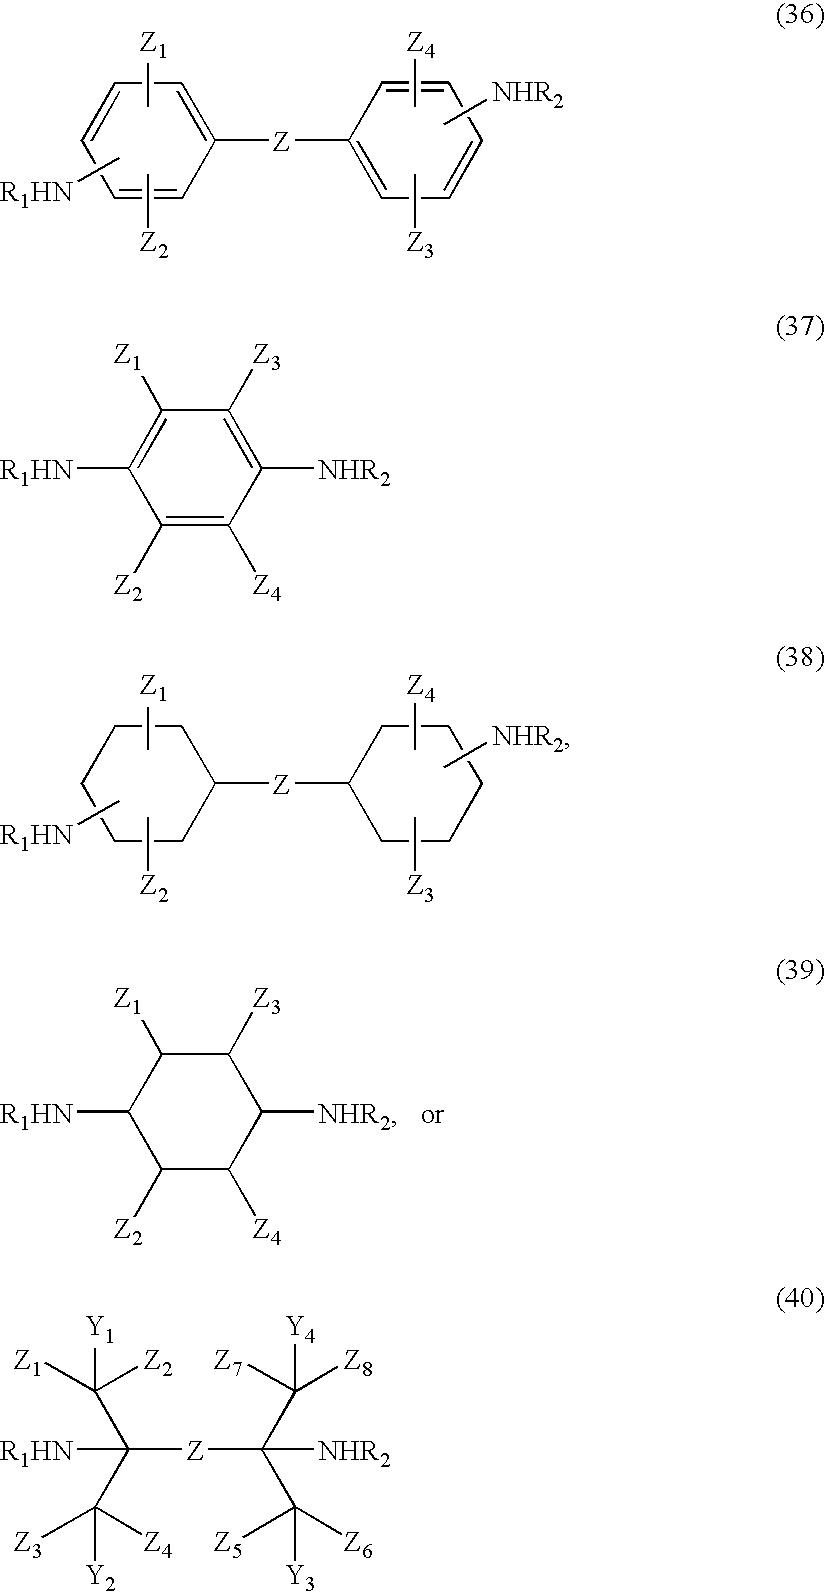 Figure US20040220357A1-20041104-C00026